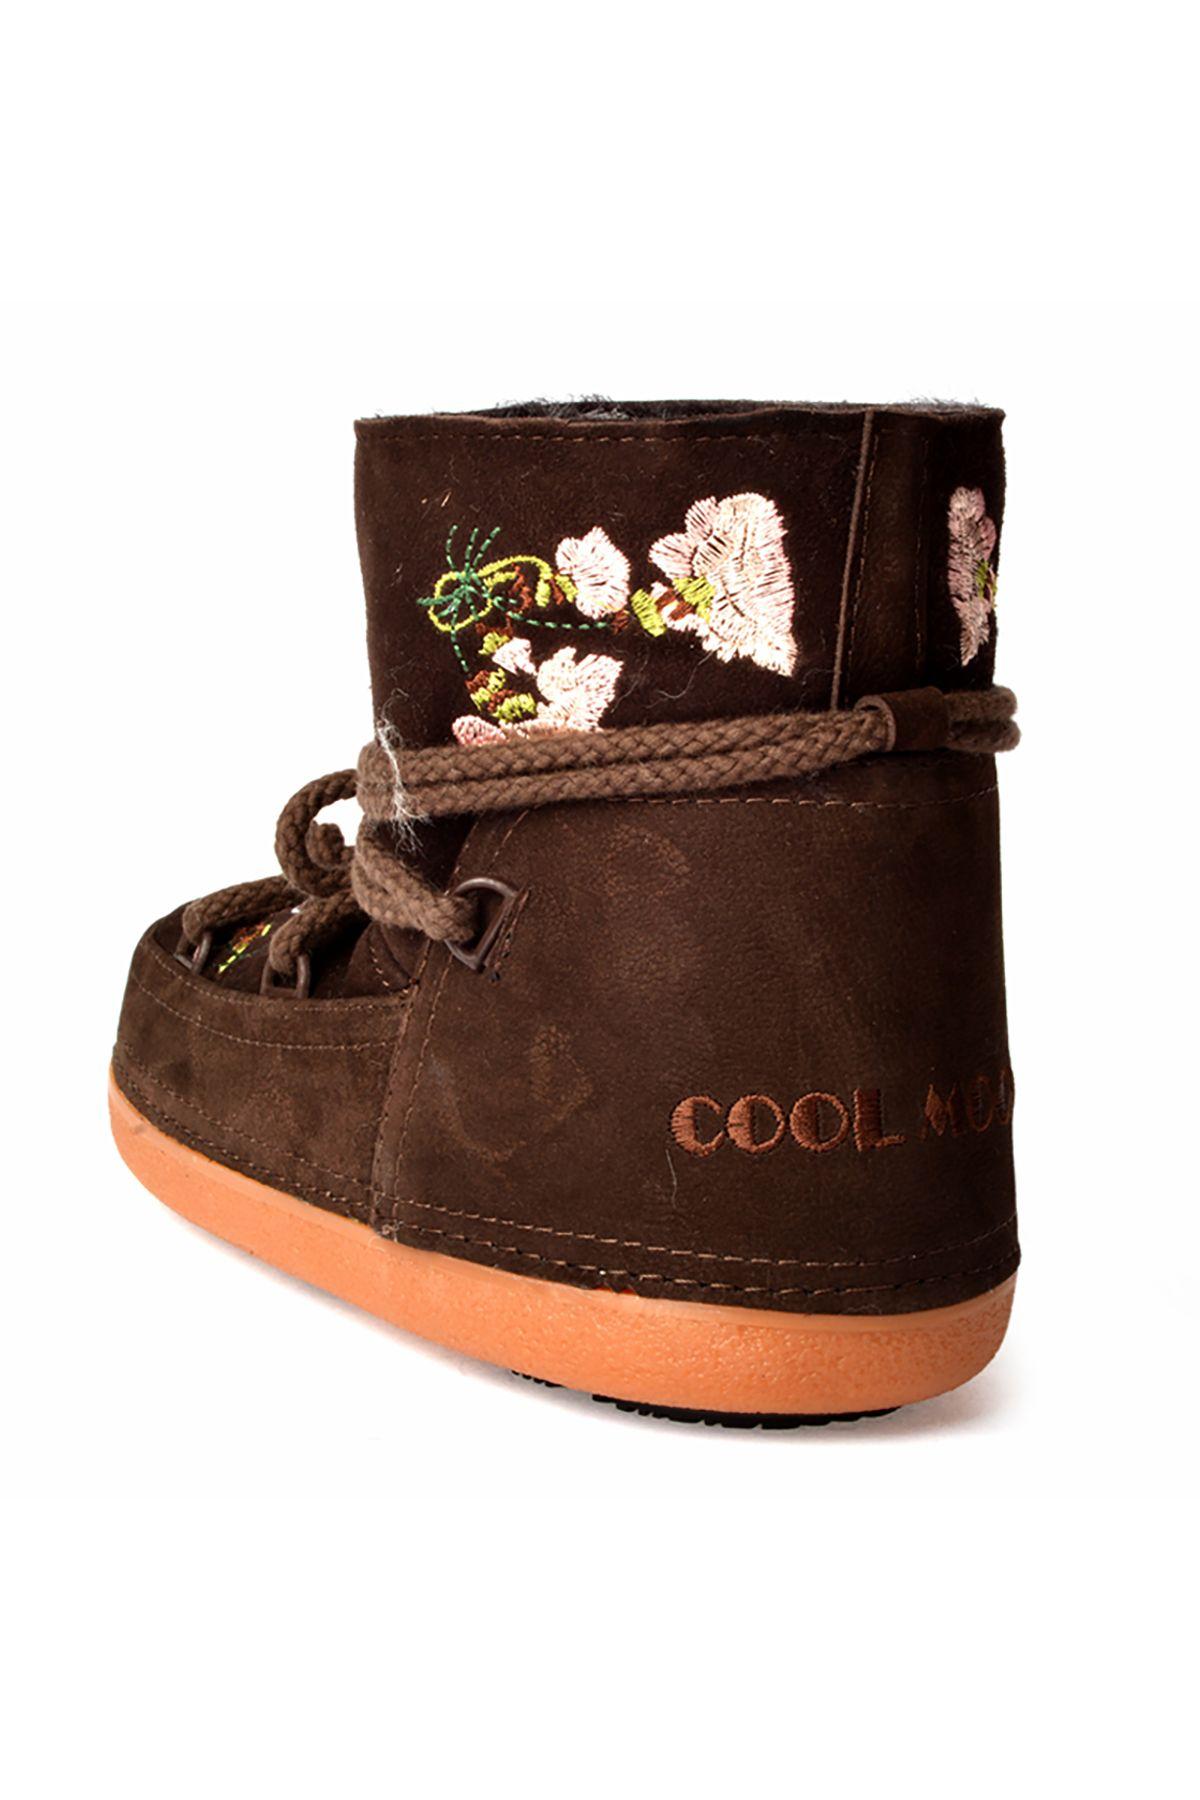 Cool Moon Ботинки-Снегоходы Из Натуральной Замши И Меха С Вышивкой 251009 Коричневый